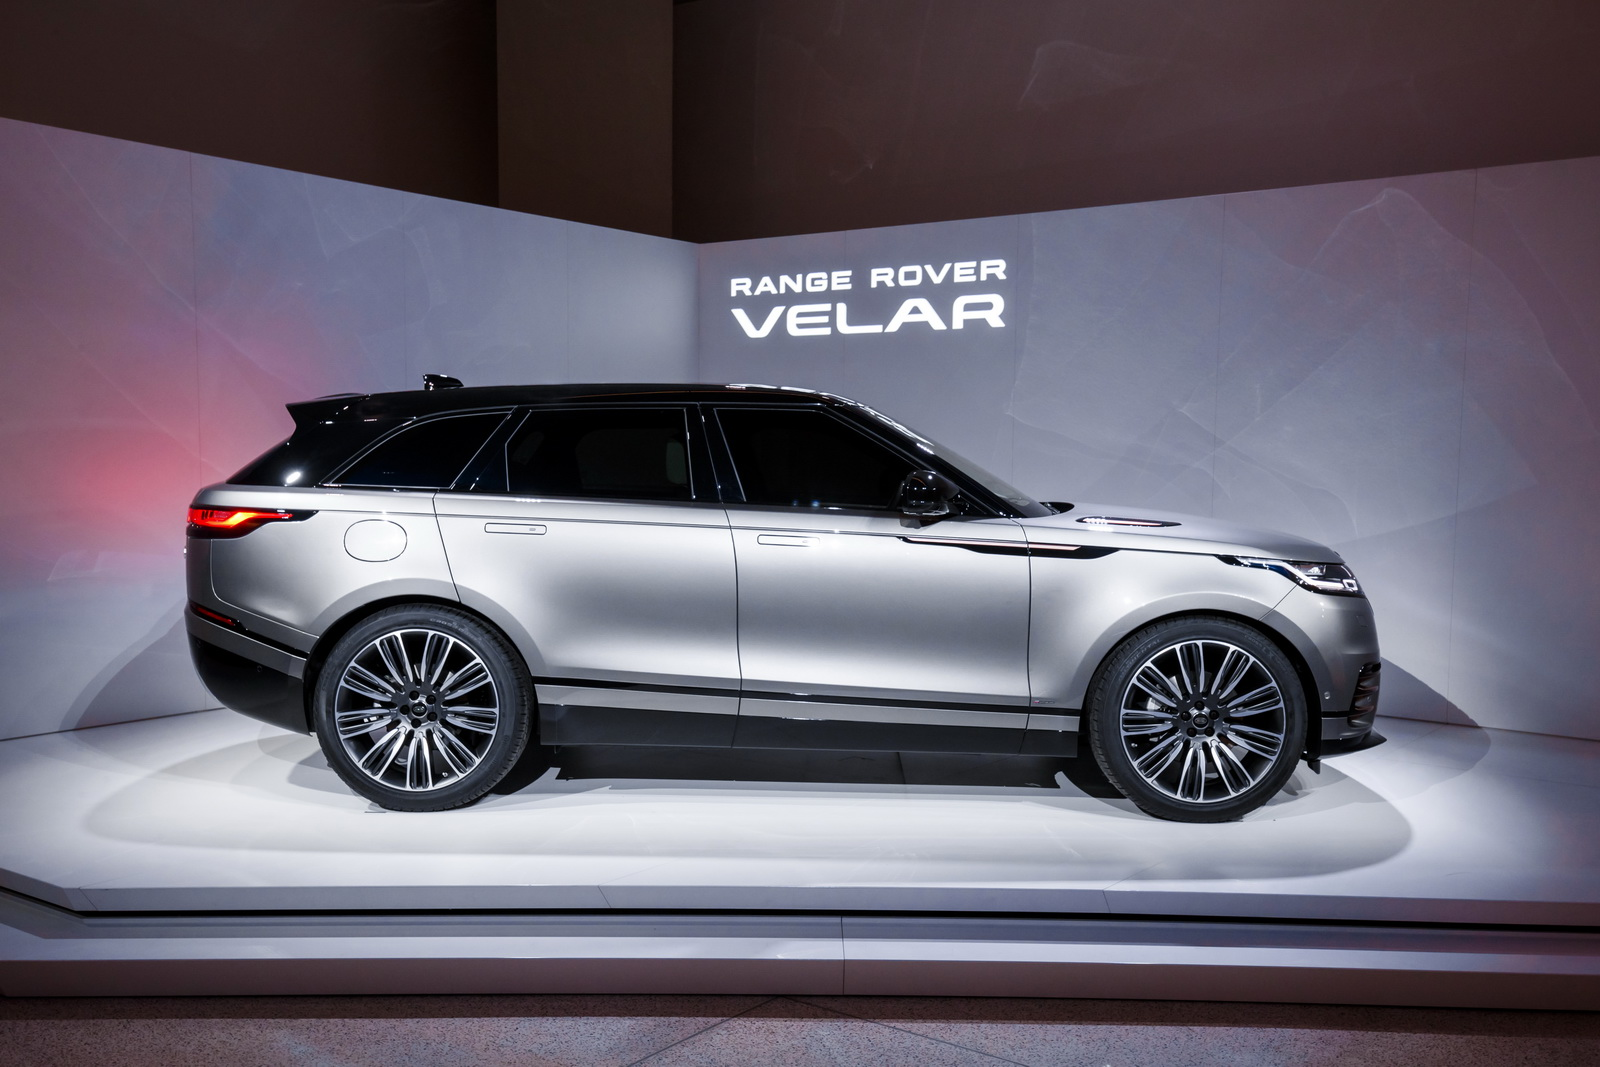 Range Rover Velar in Geneva 2017 (52)